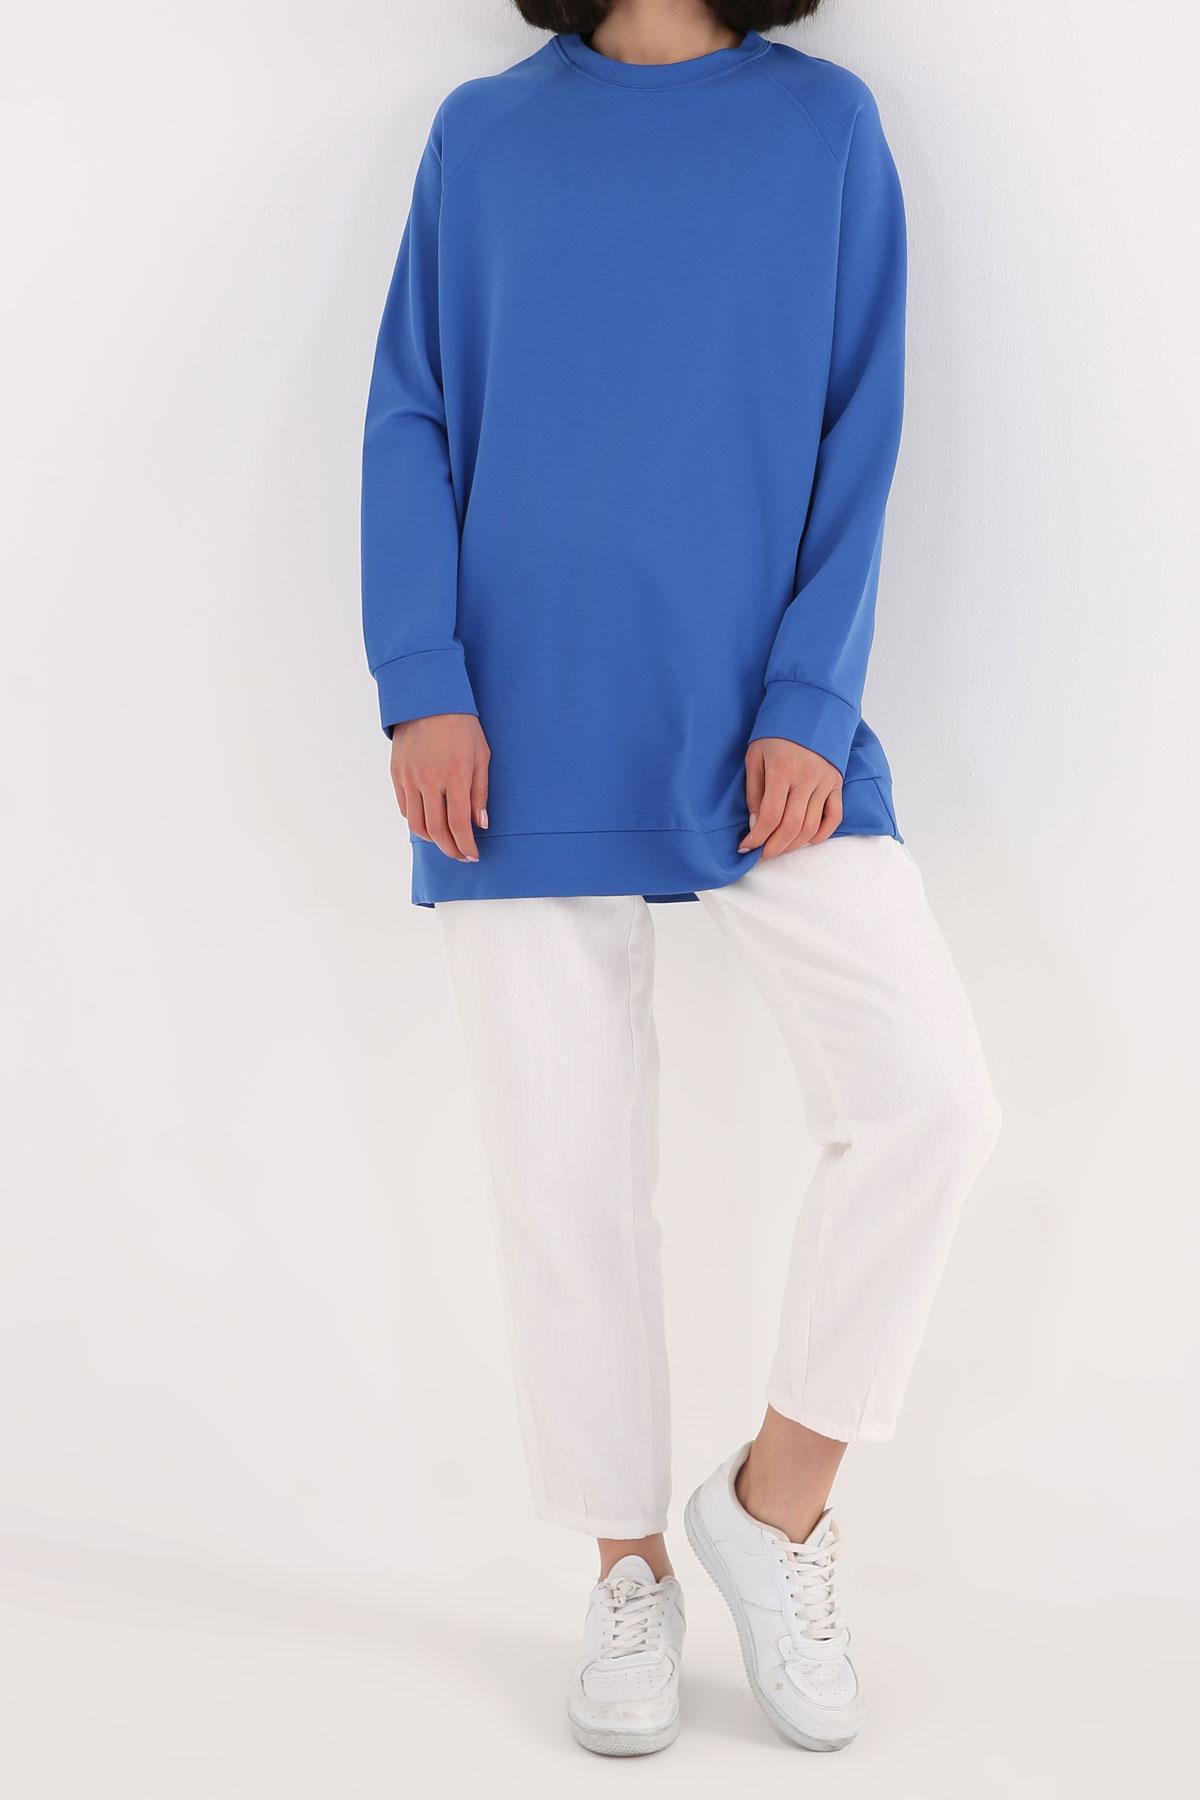 Raglan Sleeve Basic Sweatshirt